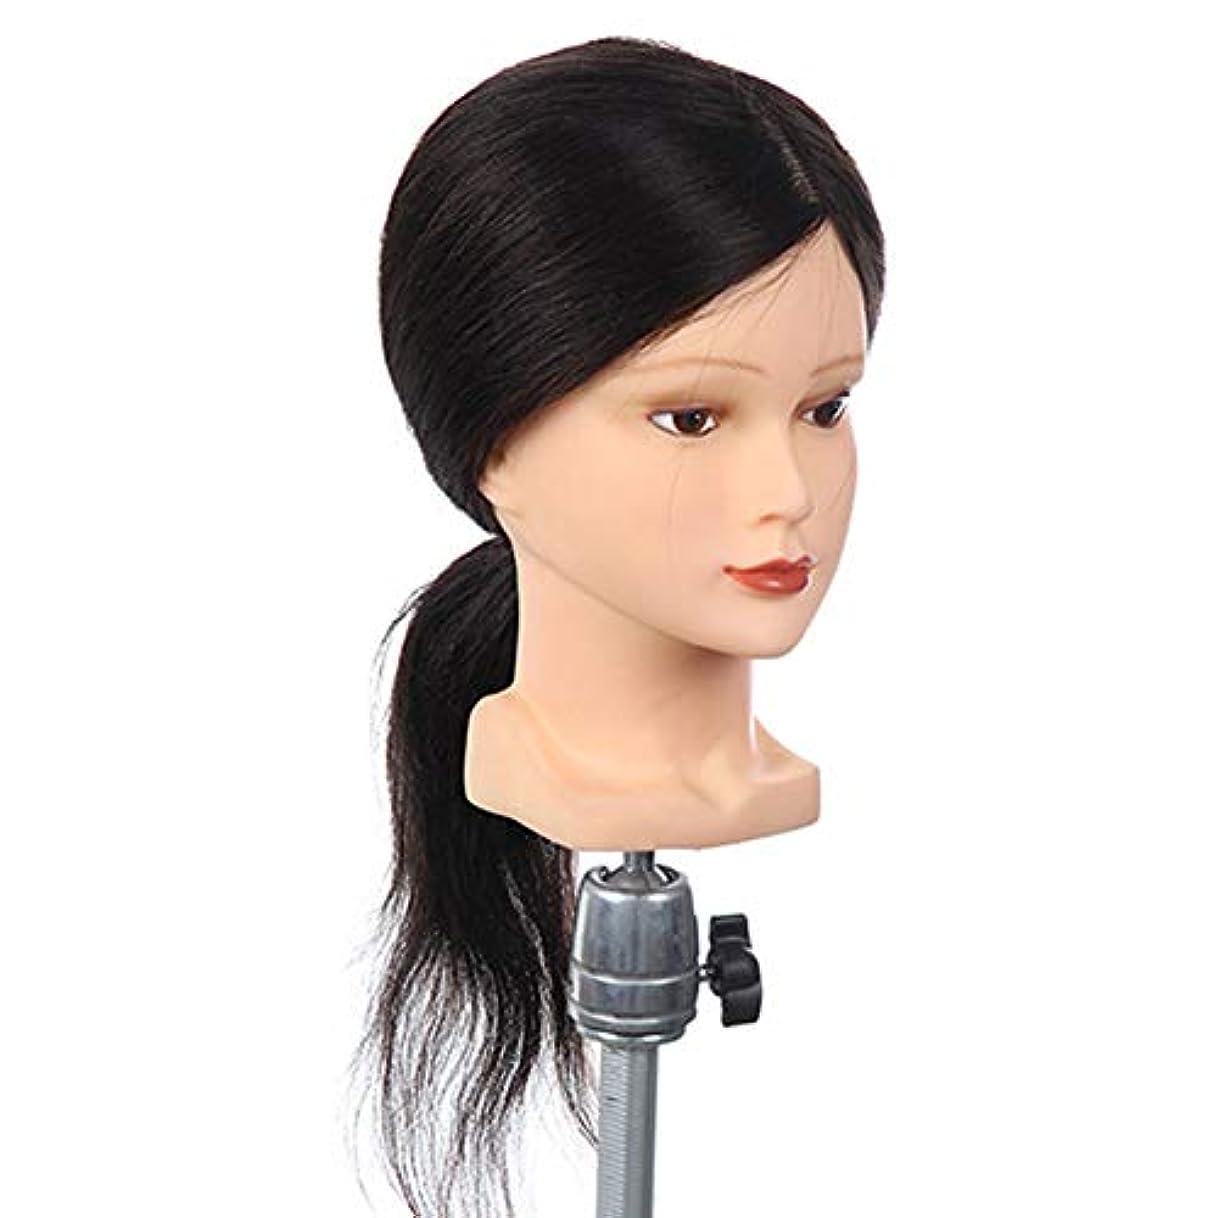 ガロン暗唱する人形100%本物の髪型モデルヘッド花嫁ヘアエクササイズヘッド金型理髪店学習ダミーヘッドはパーマ毛髪染料することができます